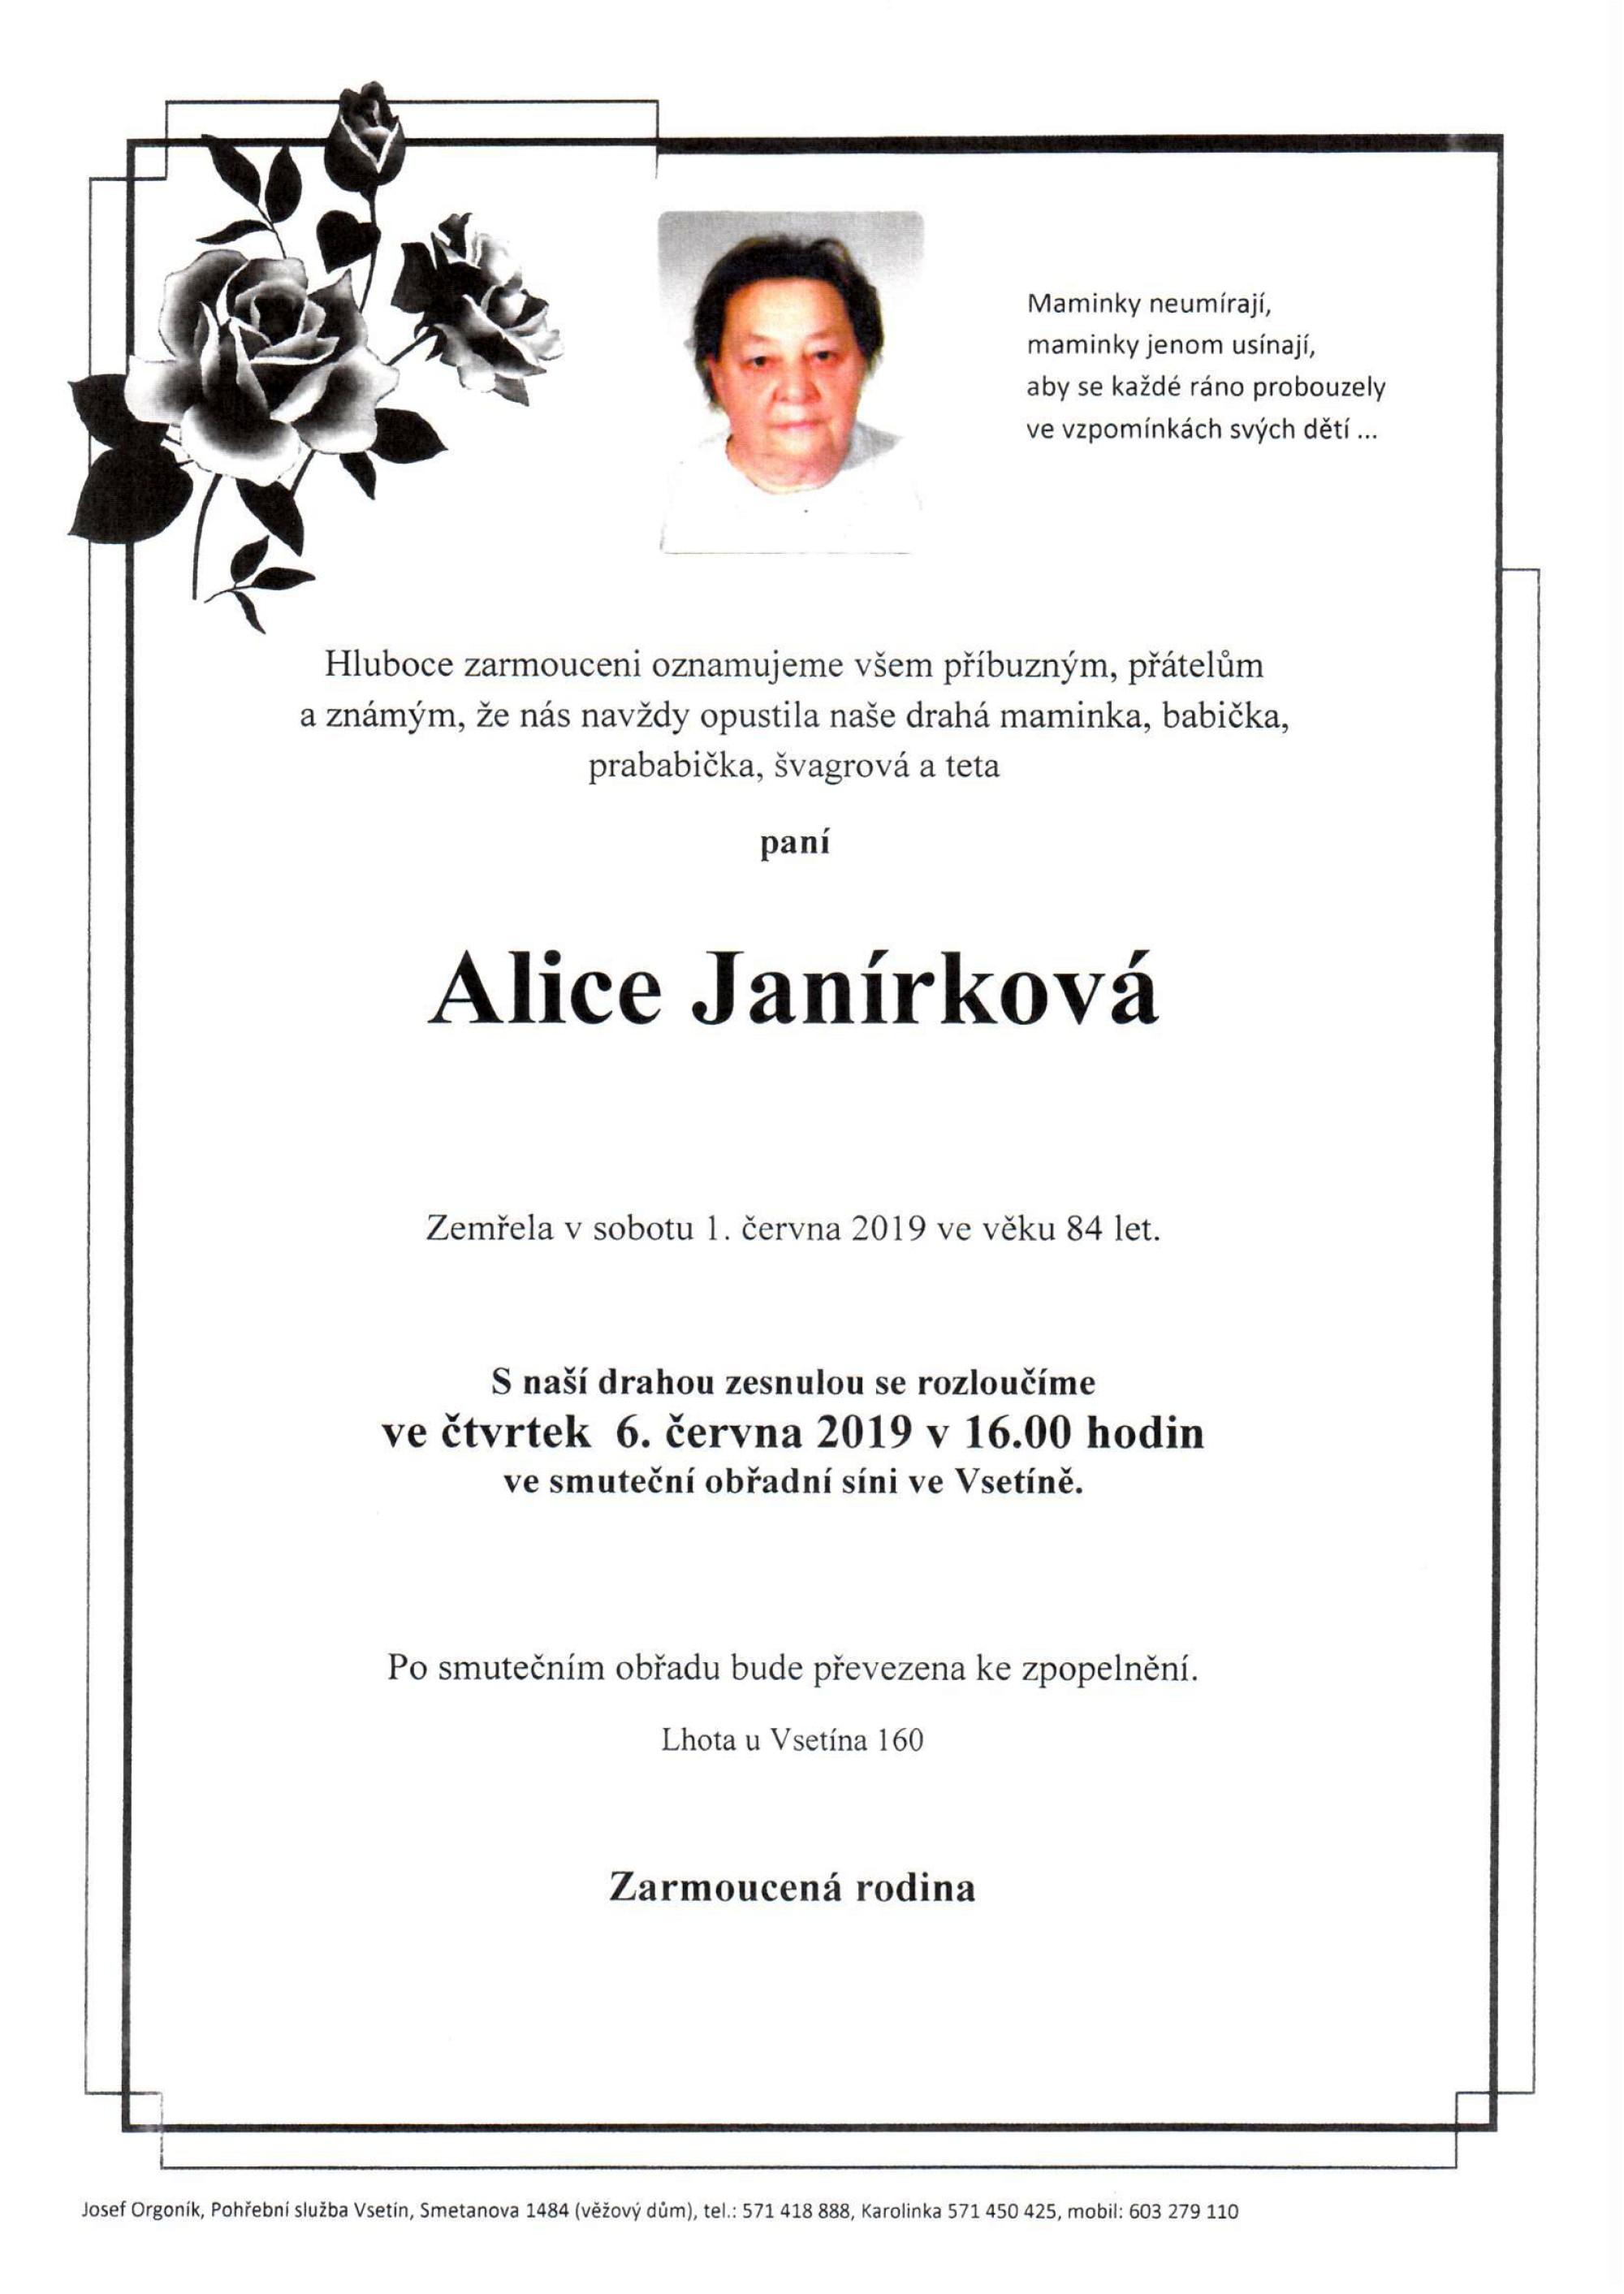 Alice Janírková